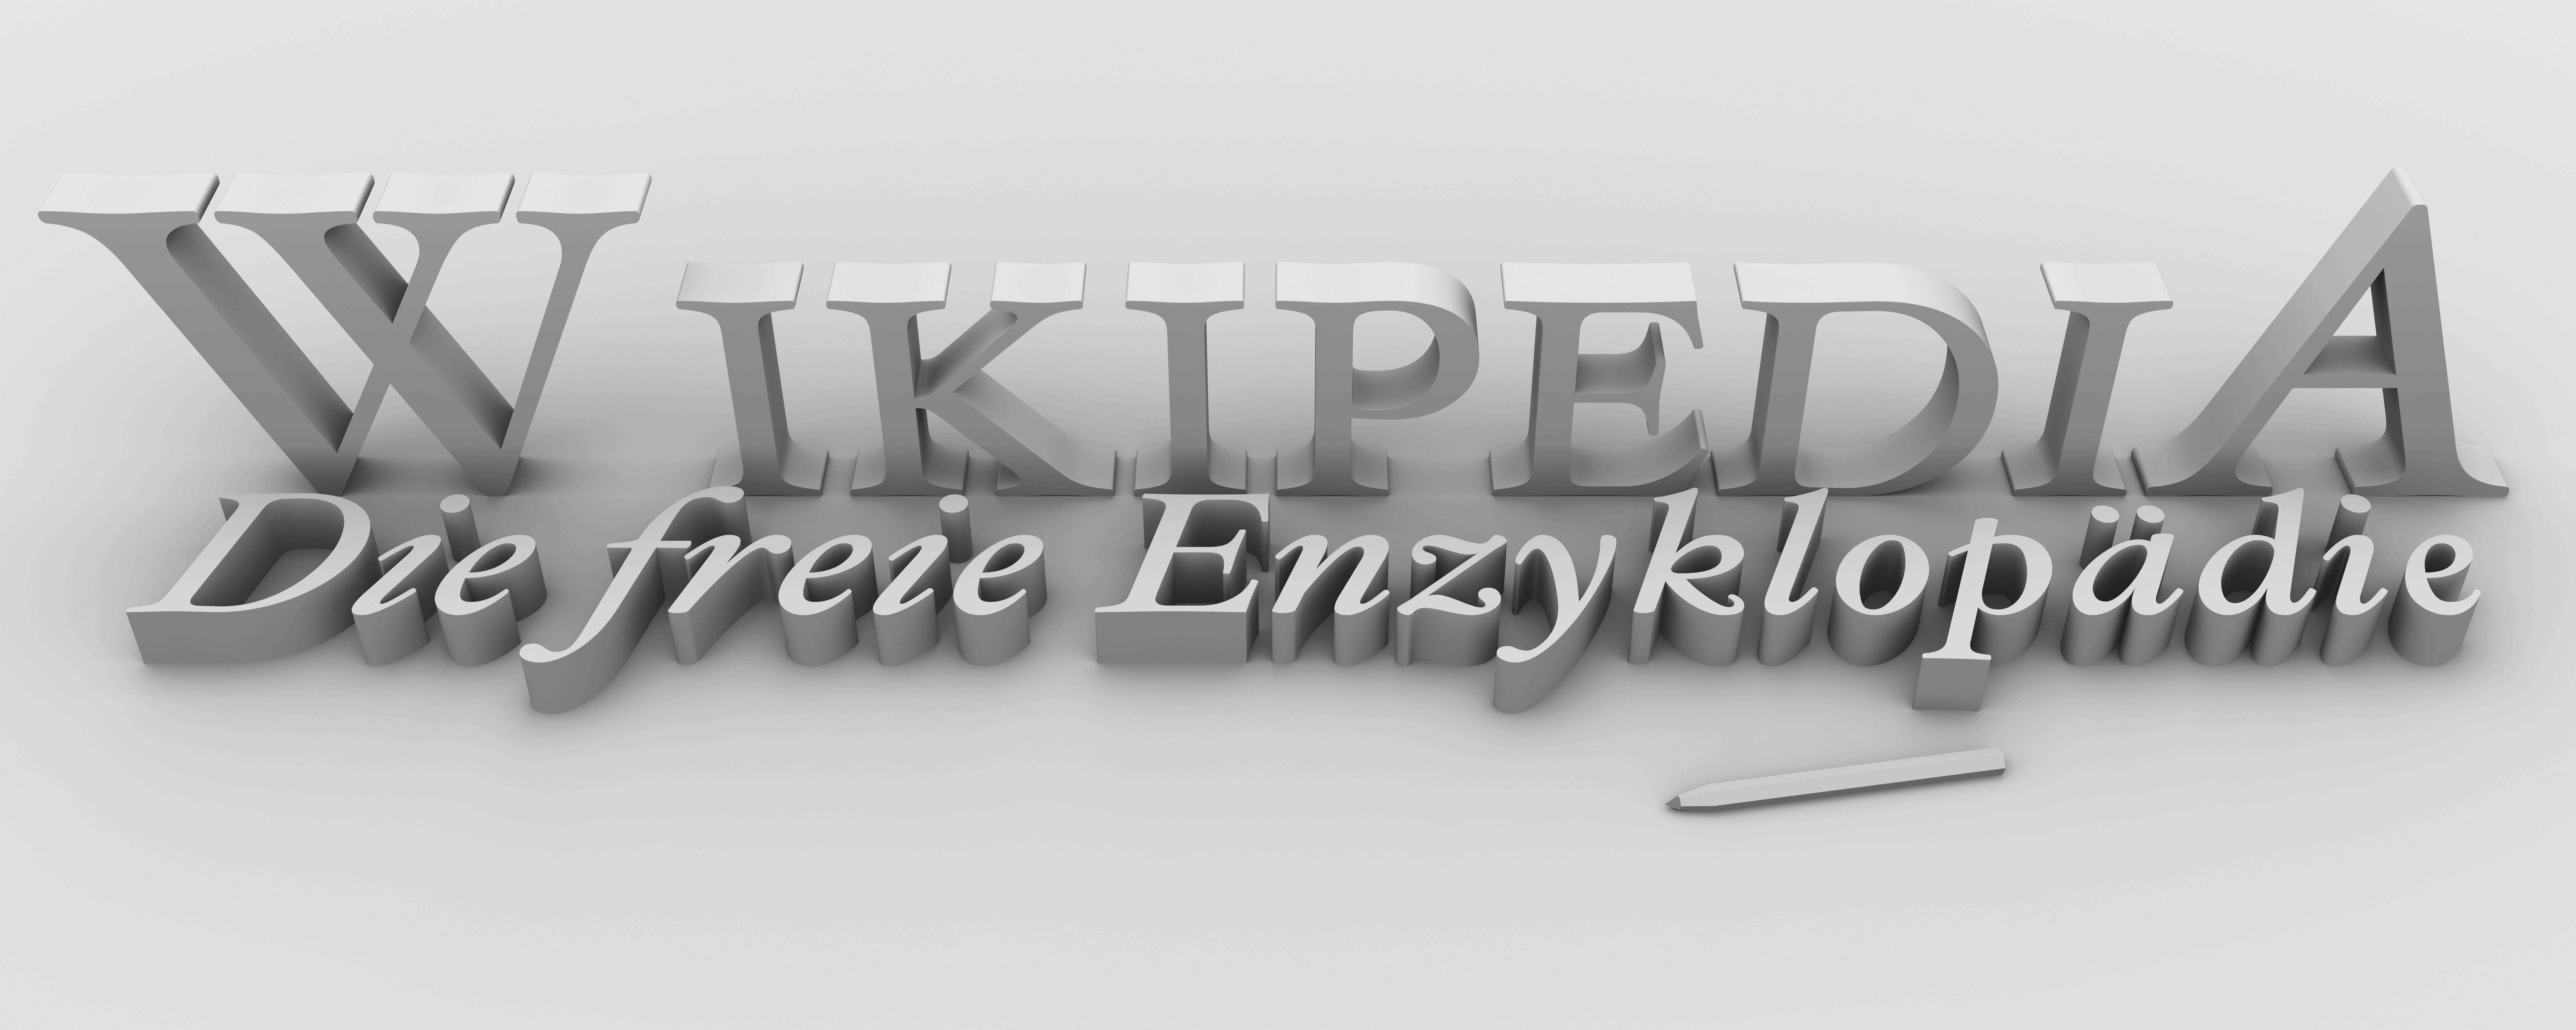 dateiwikipedia die freie enzyklop228die blenderjpg